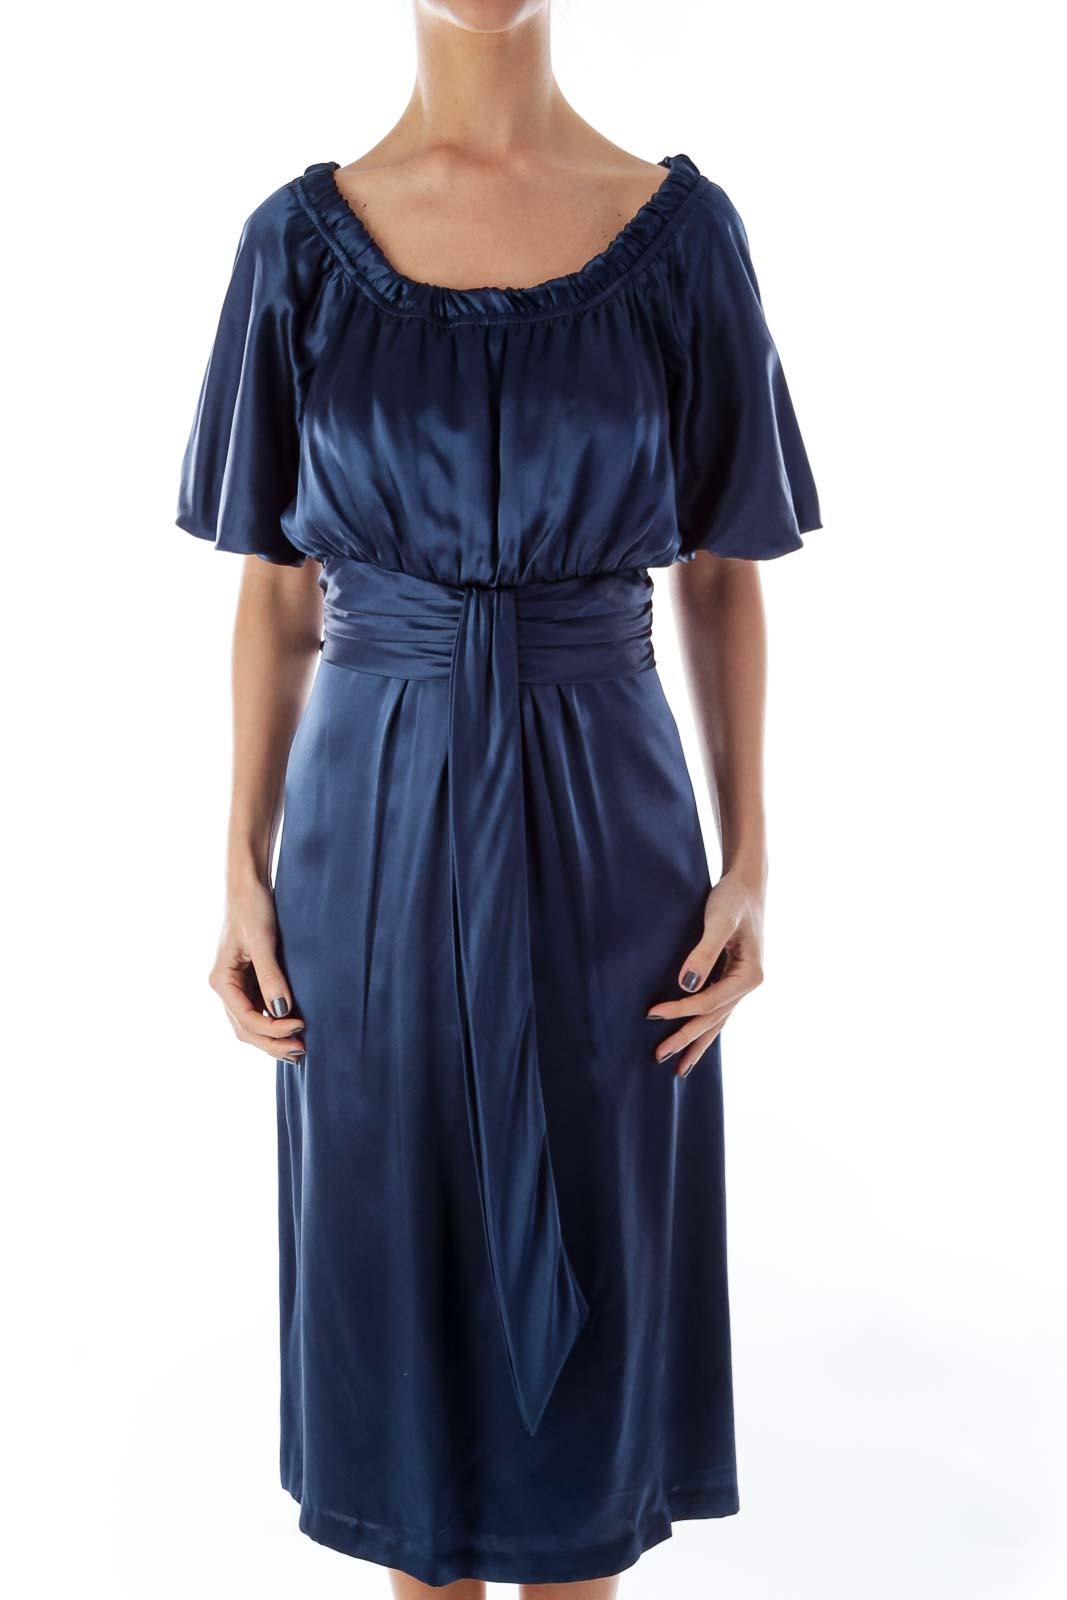 Blue Silk Empire Dress Front